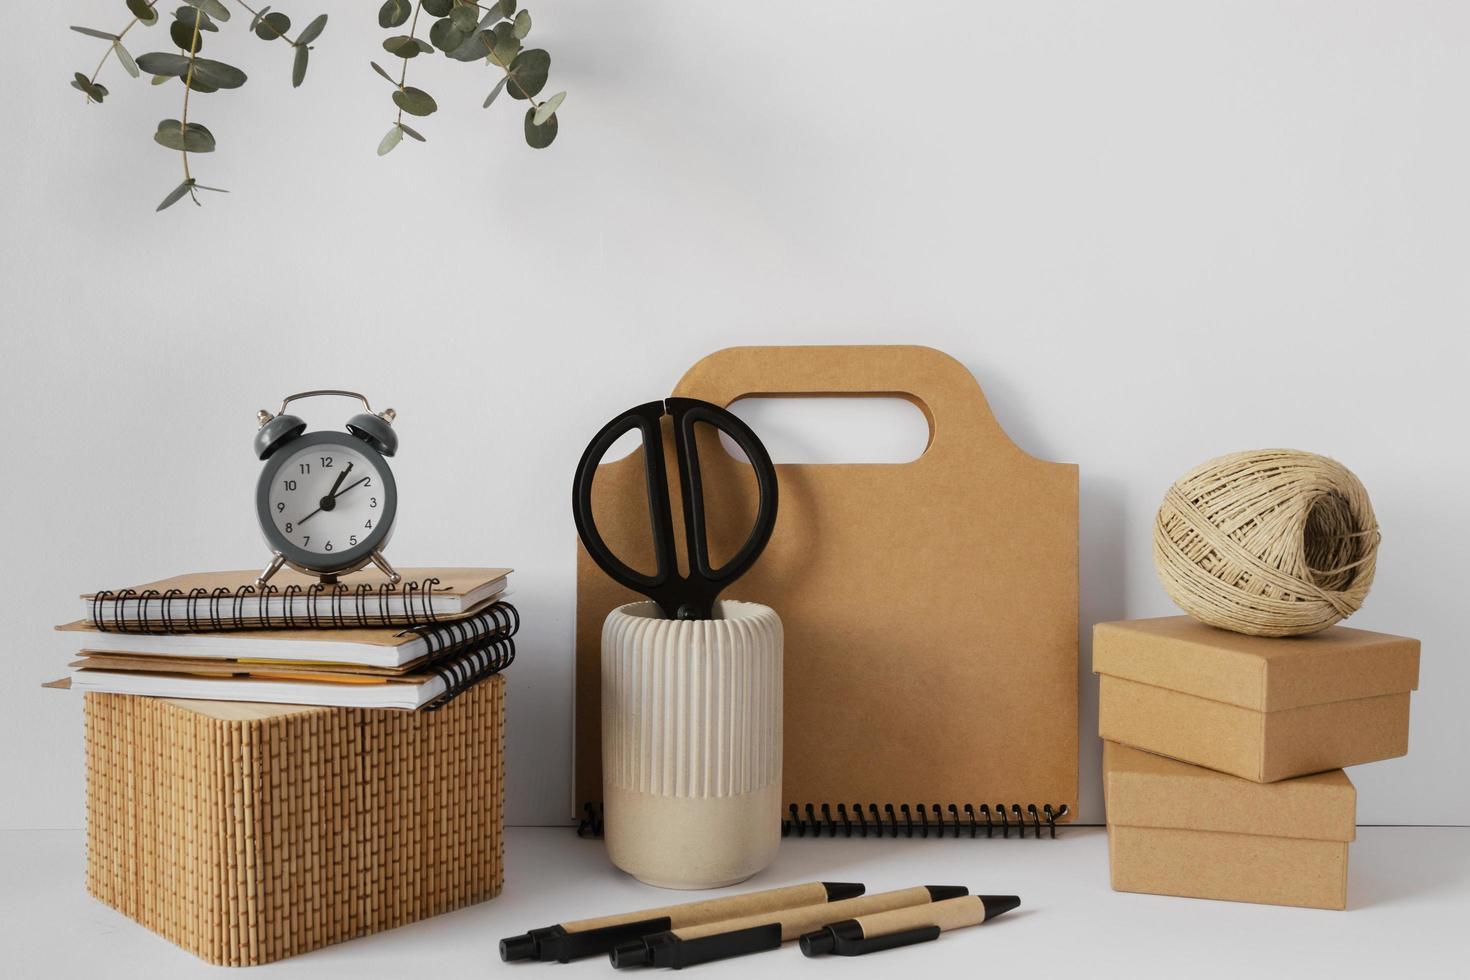 papeleria de materiales reciclados foto